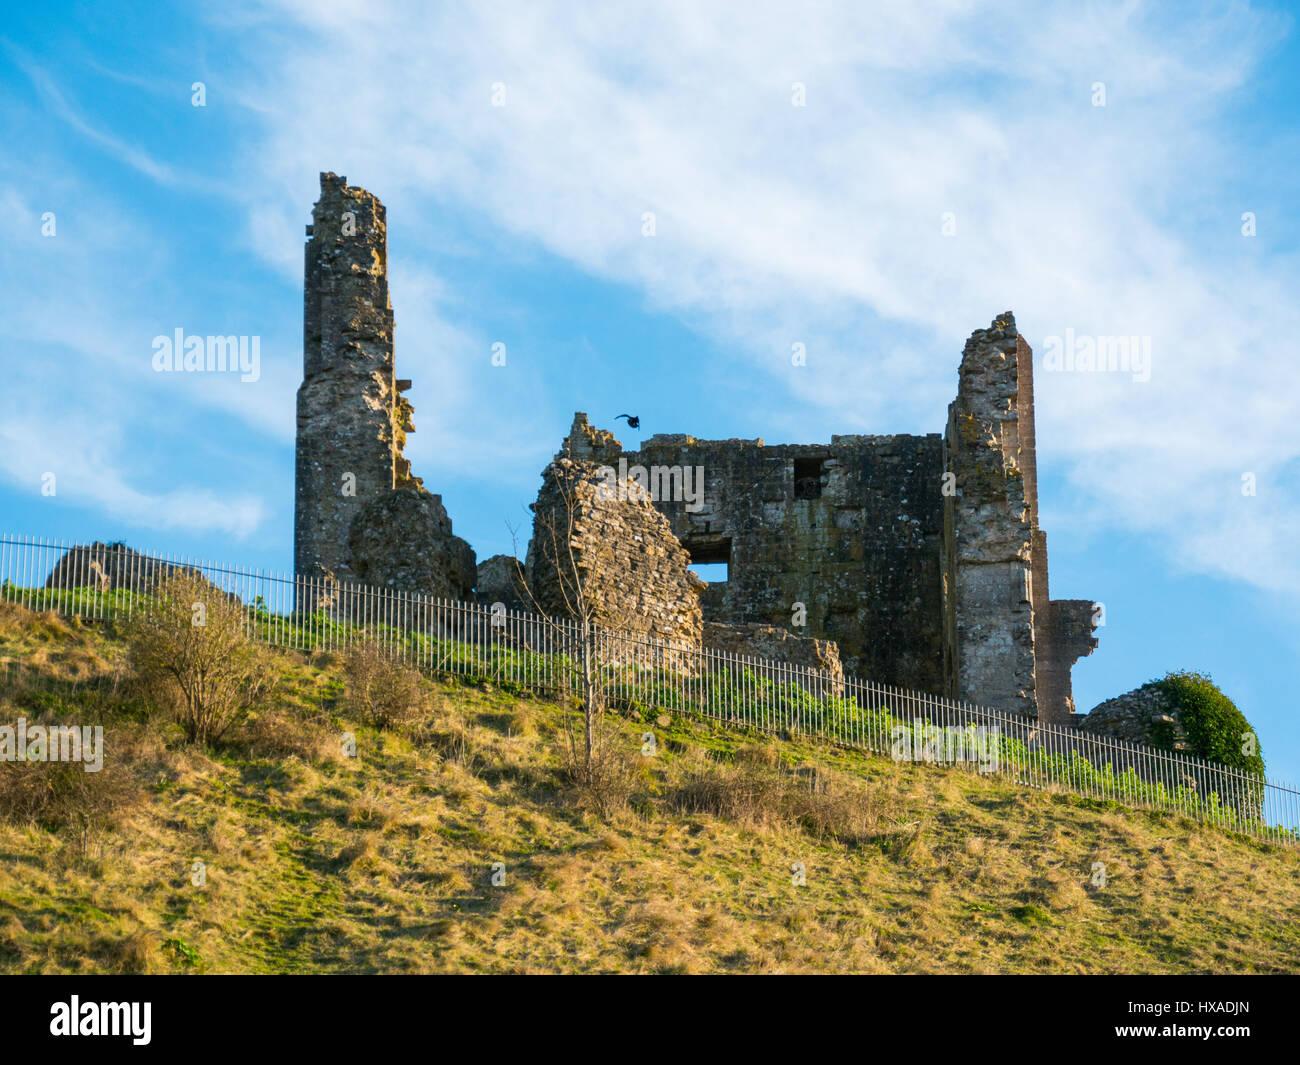 Les nuages vaporeux et ciel bleu au-dessus de l'historique château de Corfe, remainds de Corfe Castle, Photo Stock